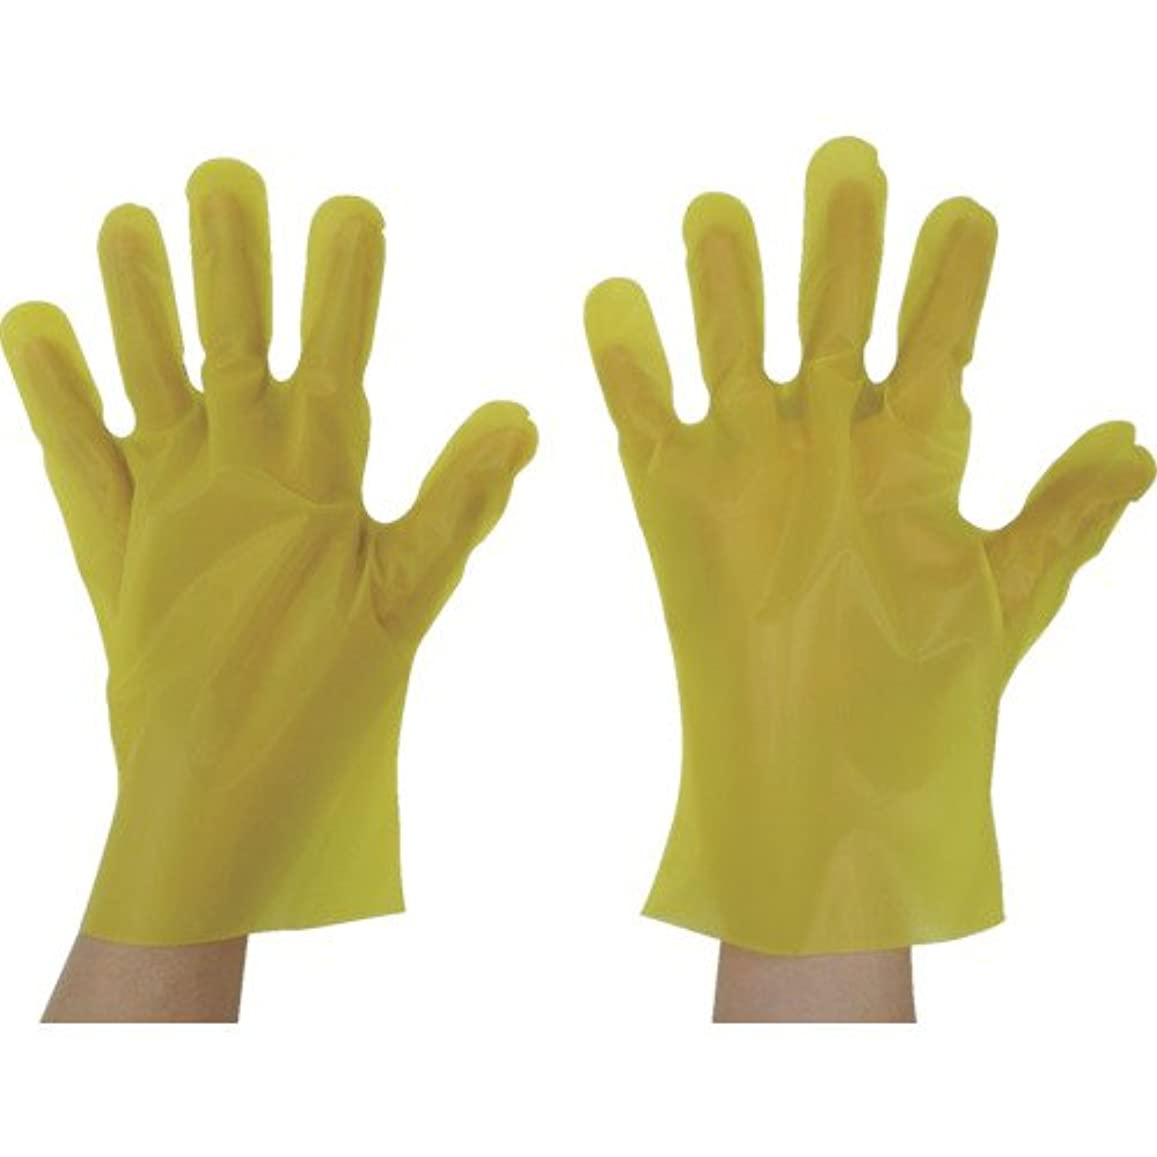 採用ドック東京パック エンボス手袋五本絞りエコノミー化粧箱S イエロー YEK-S